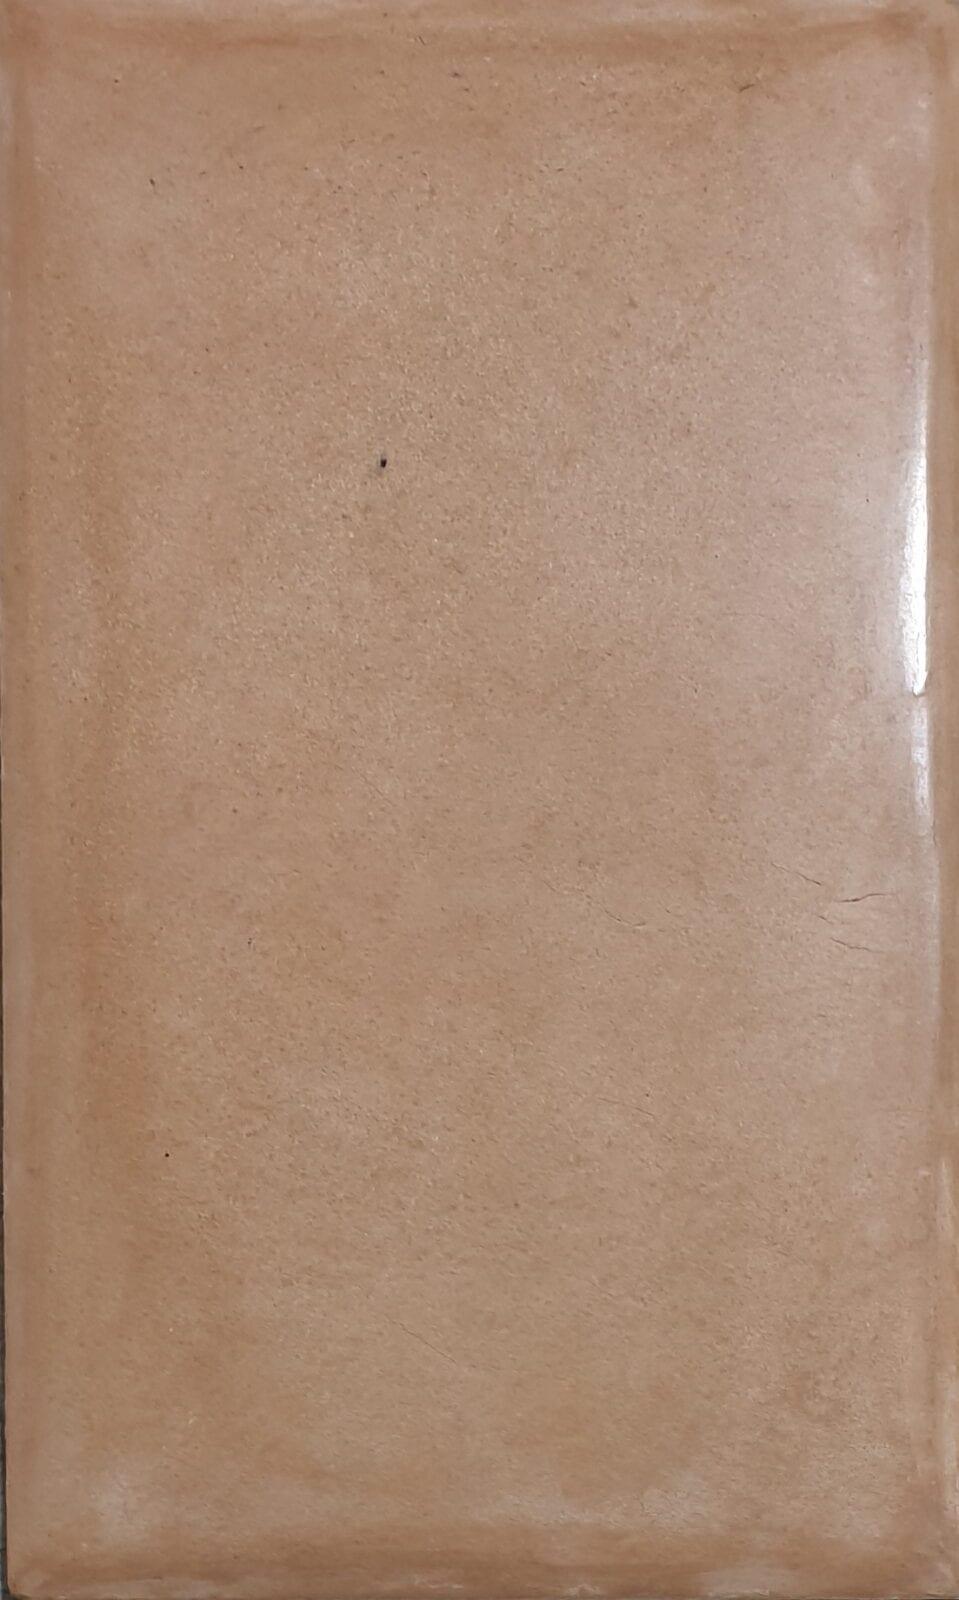 Tadelakt Nassau Tierrafino Stone